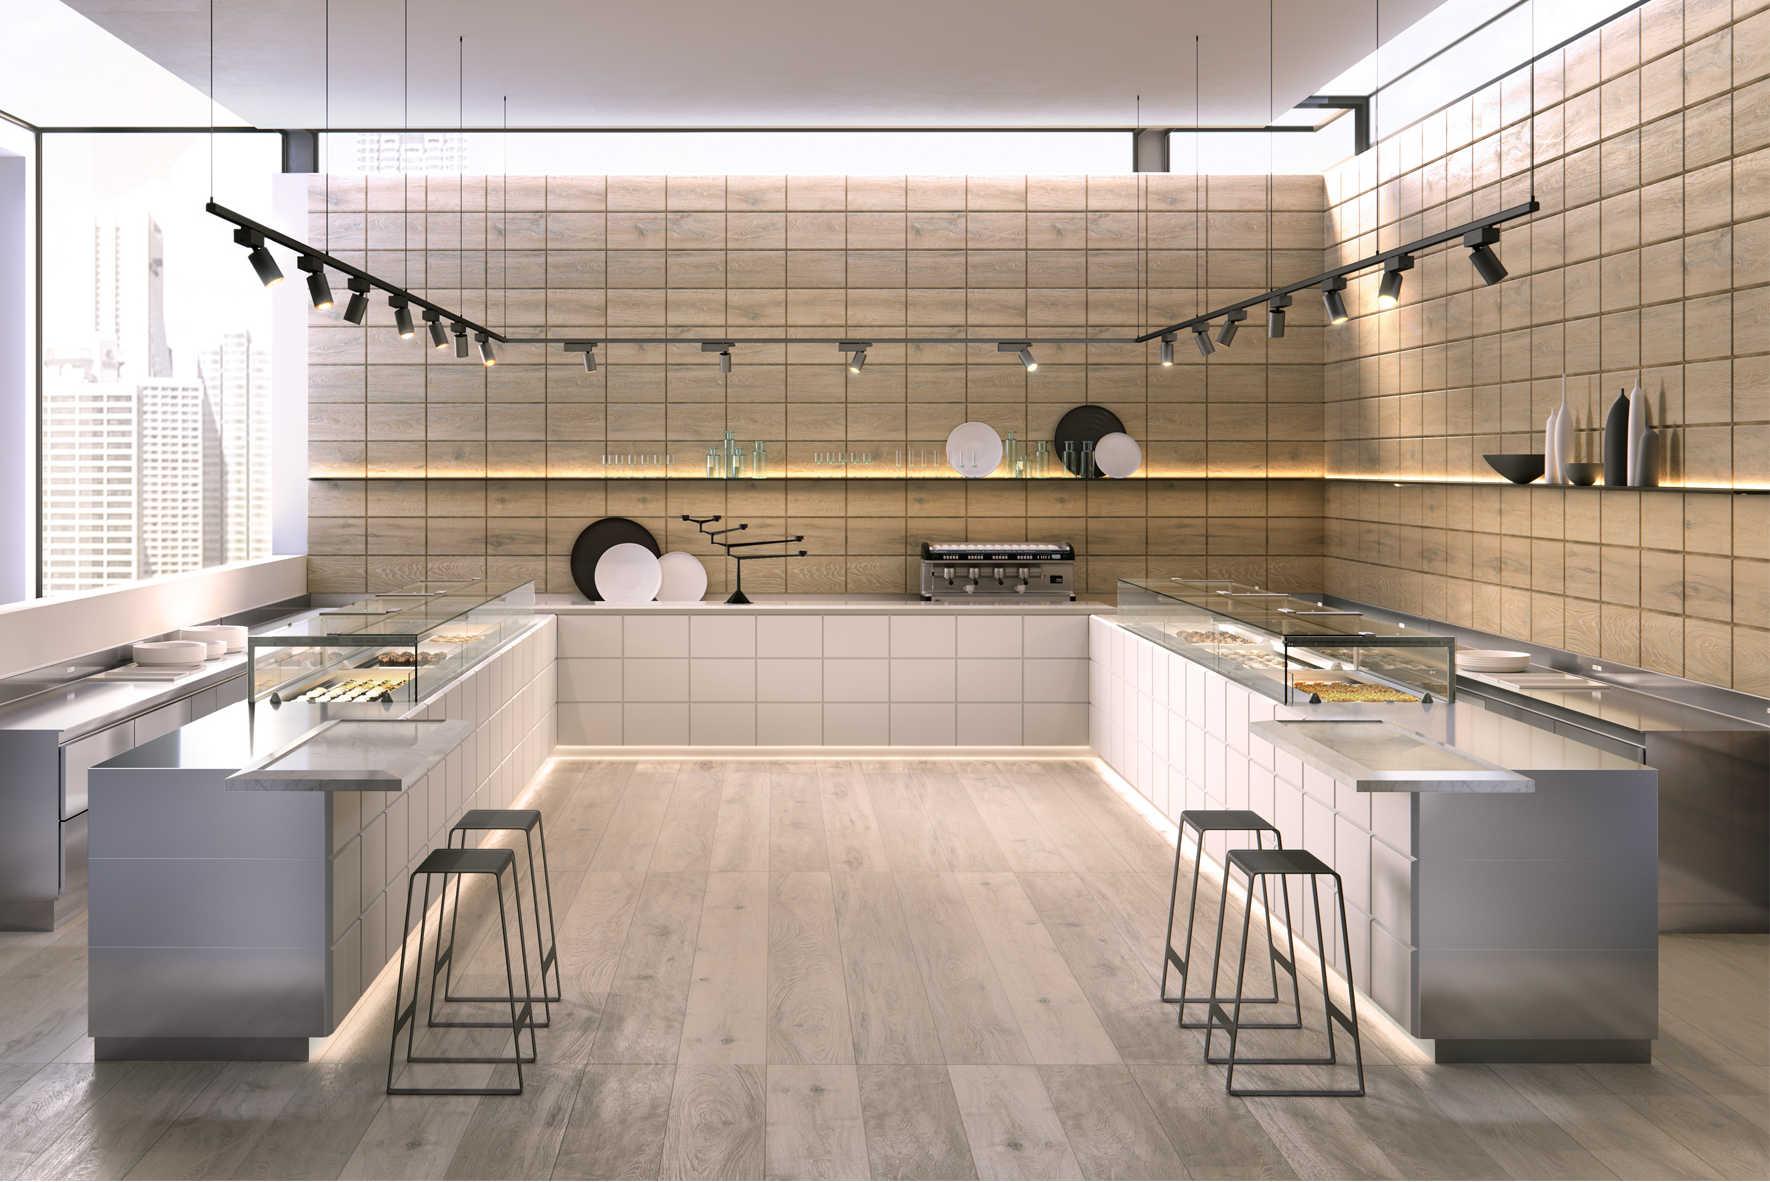 Arredamenti Per Bar Moderni. Arredamento Di Design Usato Arredamento Completo Per Bar Gelateria ...